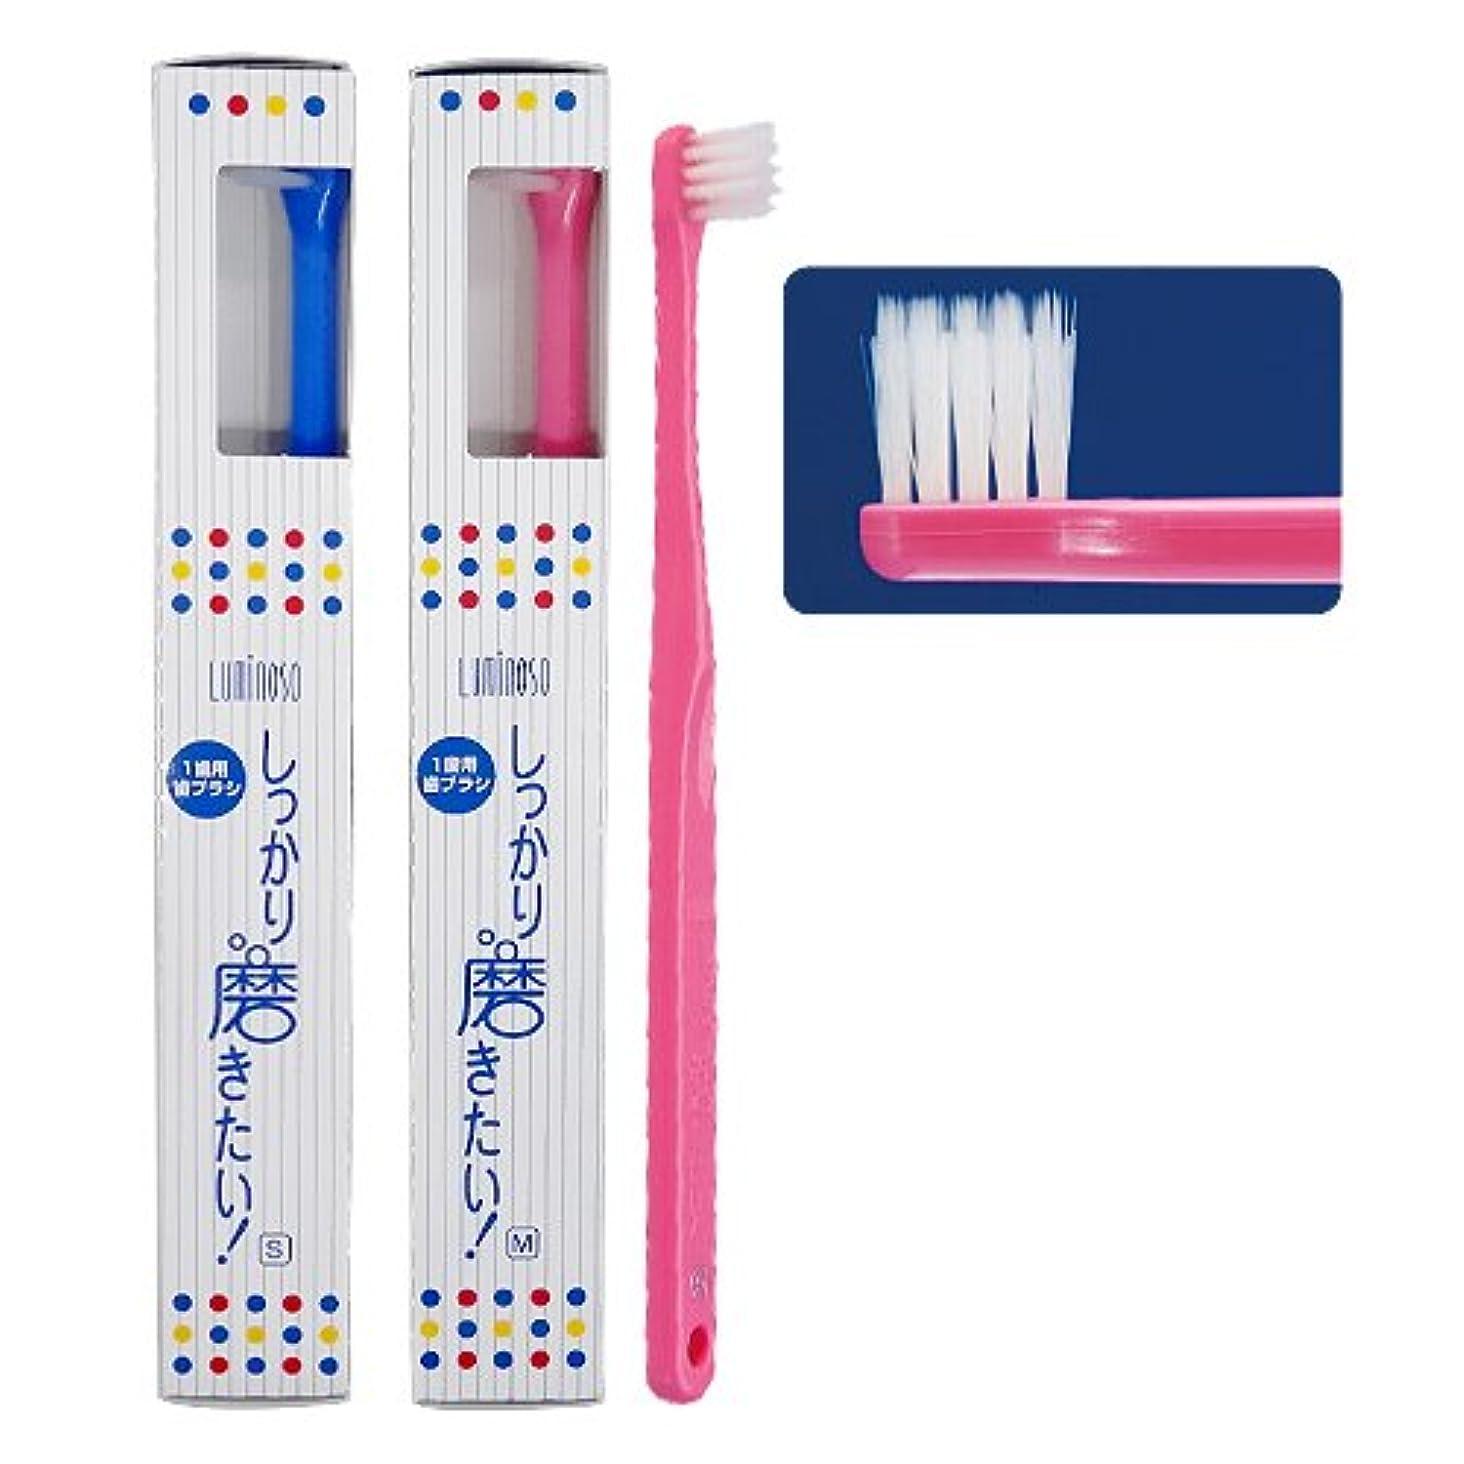 余剰参加するストロールミノソ 1歯用歯ブラシ「しっかり磨きたい!」スタンダード ソフト